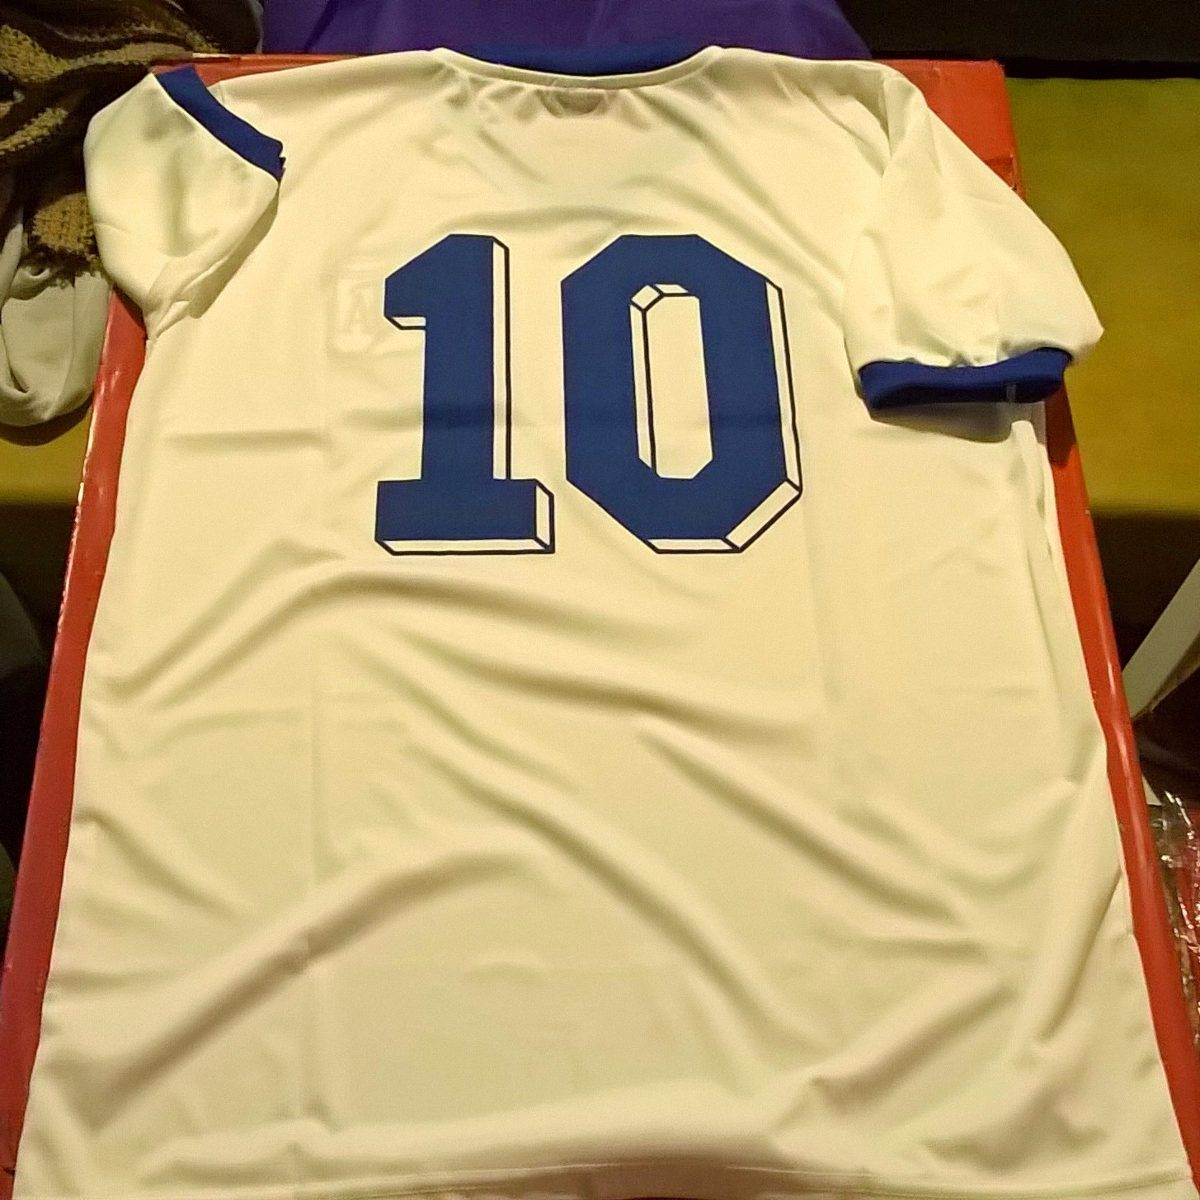 Camiseta Argentina Retro Diego Armando Maradona 10 1982 -   799 3059c2edfbec3